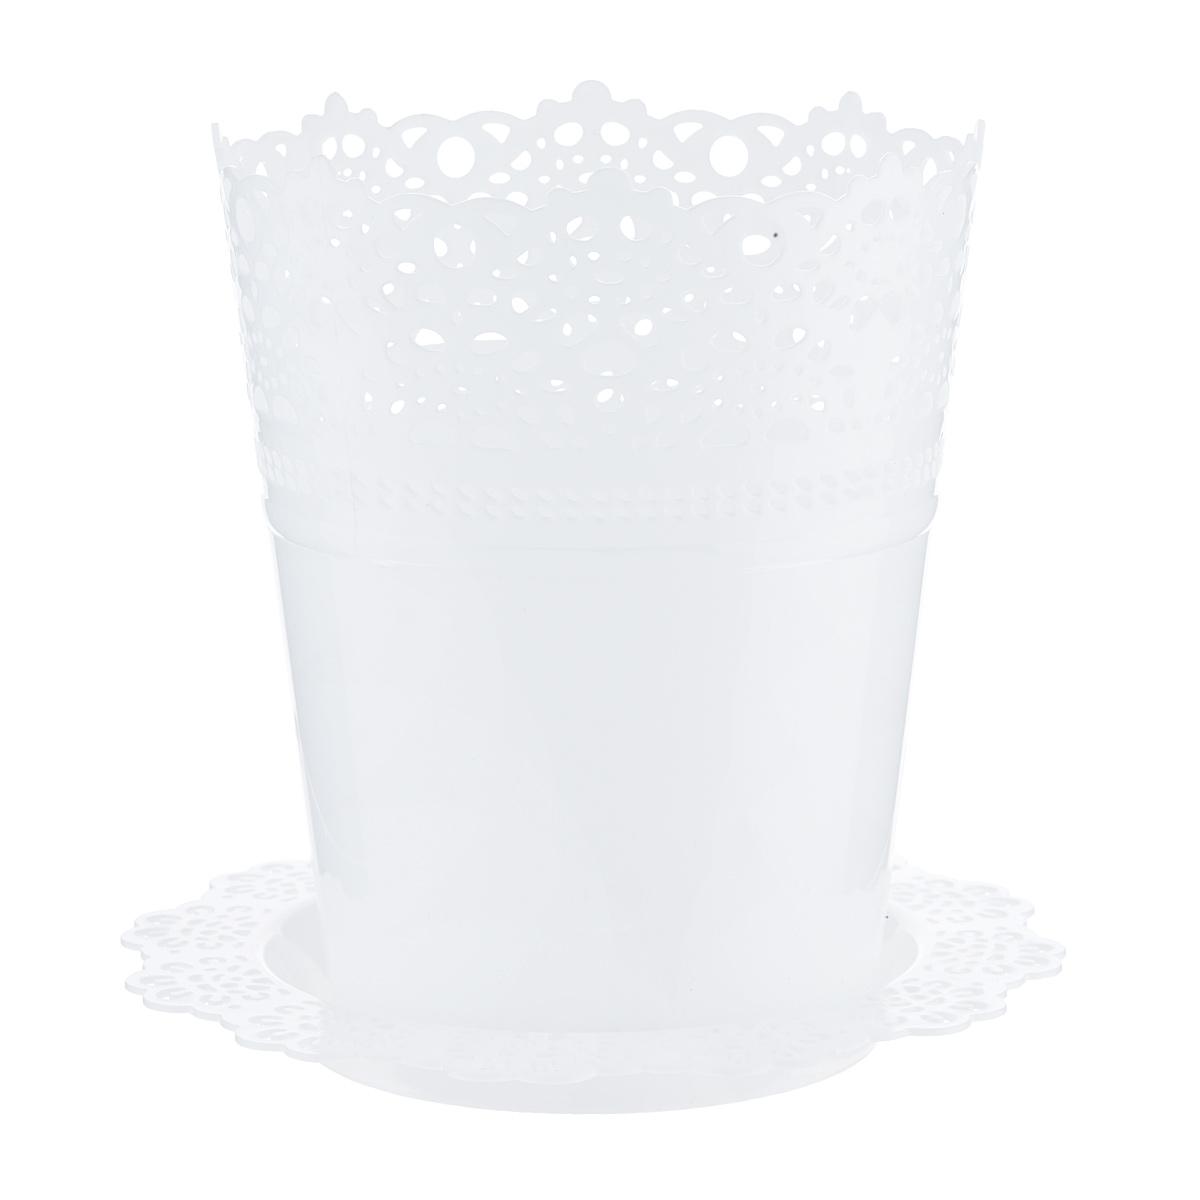 Кашпо Idea Ажур, с подставкой, цвет: белый, диаметр 15 смCAD300UBECКашпо Idea Ажур изготовлено из полипропилена (пластика). Специальная подставка предназначена для стока воды. Верх изделия и подставка оформлены перфорацией, напоминающей кружево. Изделие прекрасно подходит для выращивания растений и цветов в домашних условиях. Диаметр подставки: 19 см.